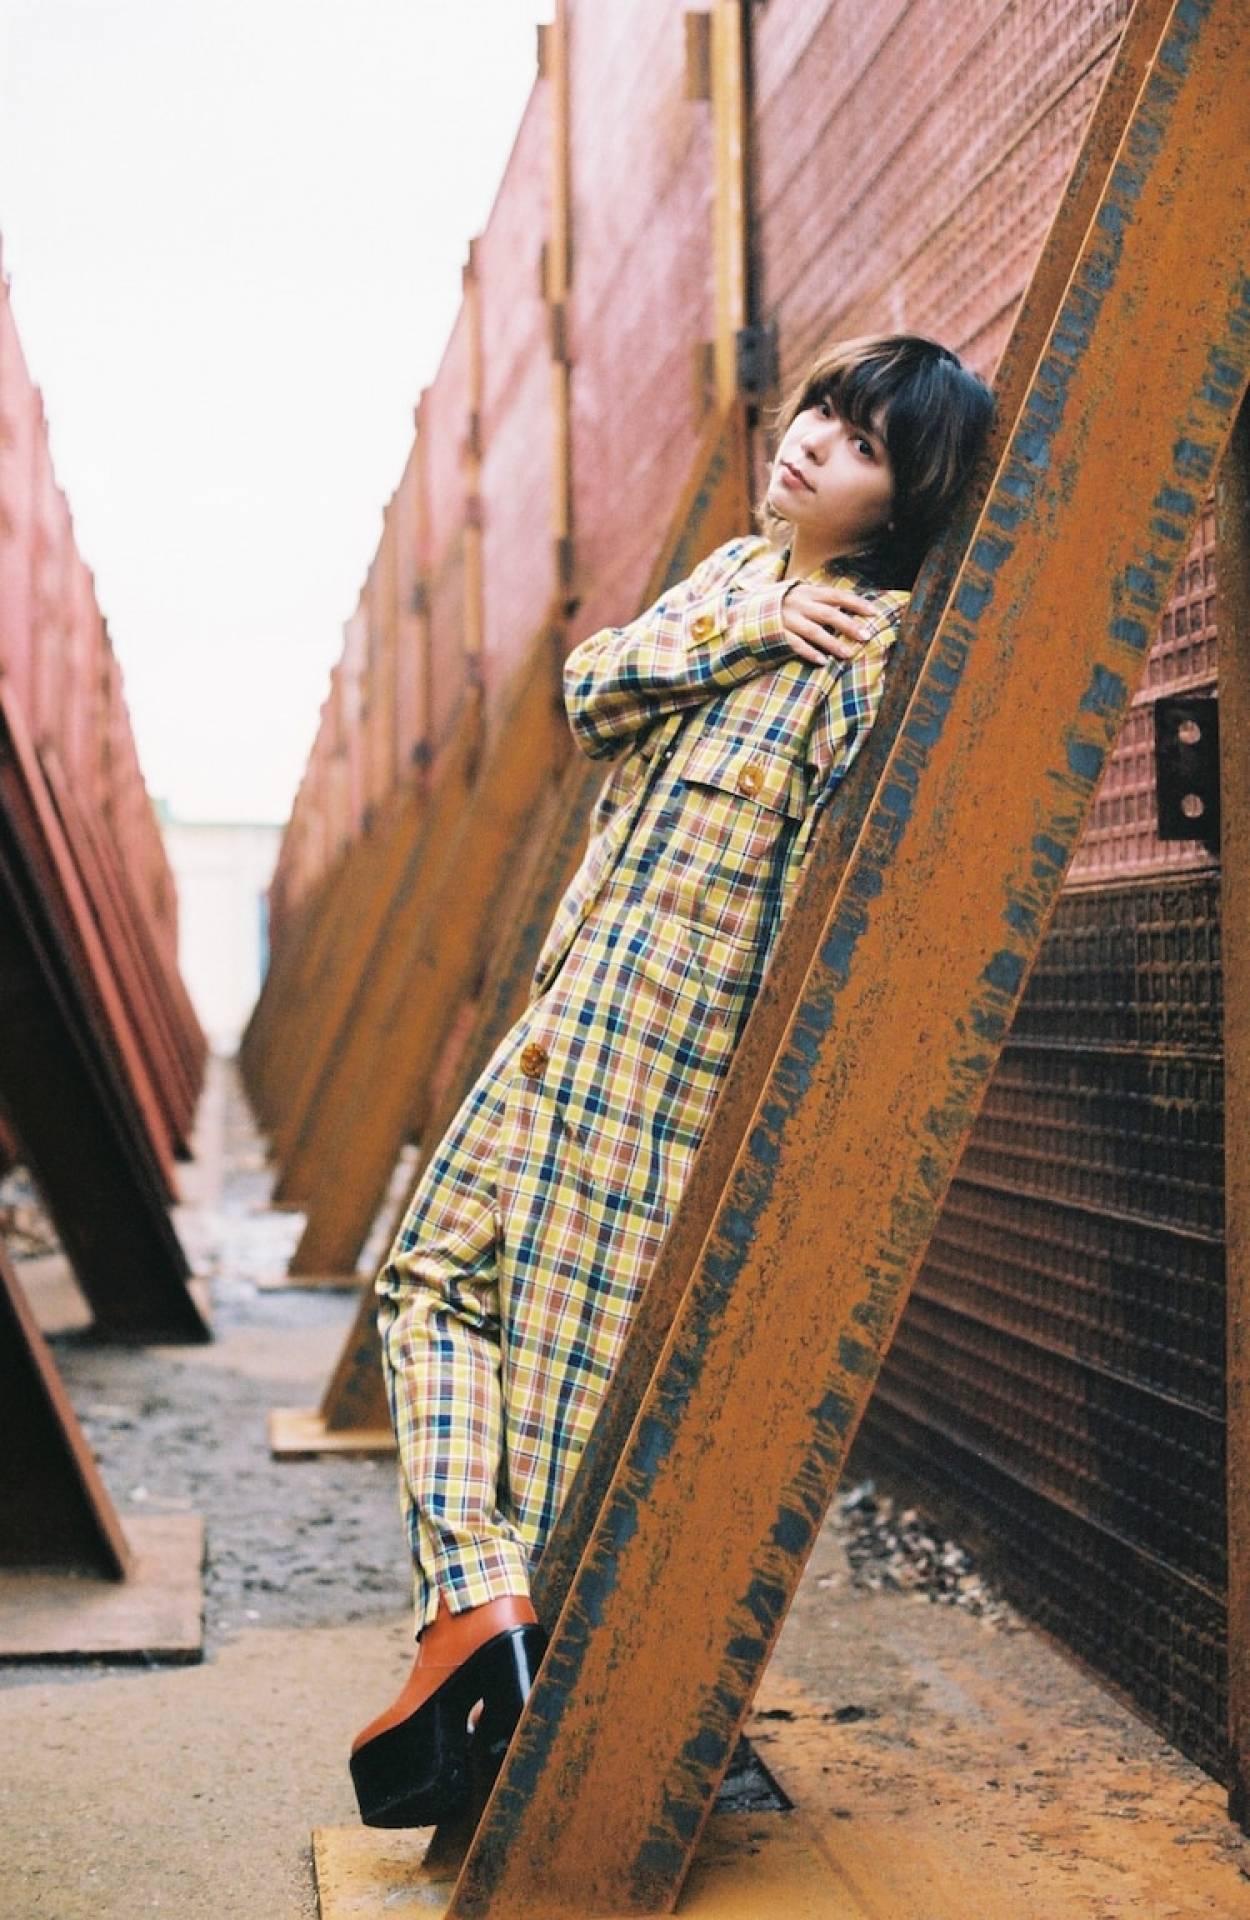 Mizuki Ohira